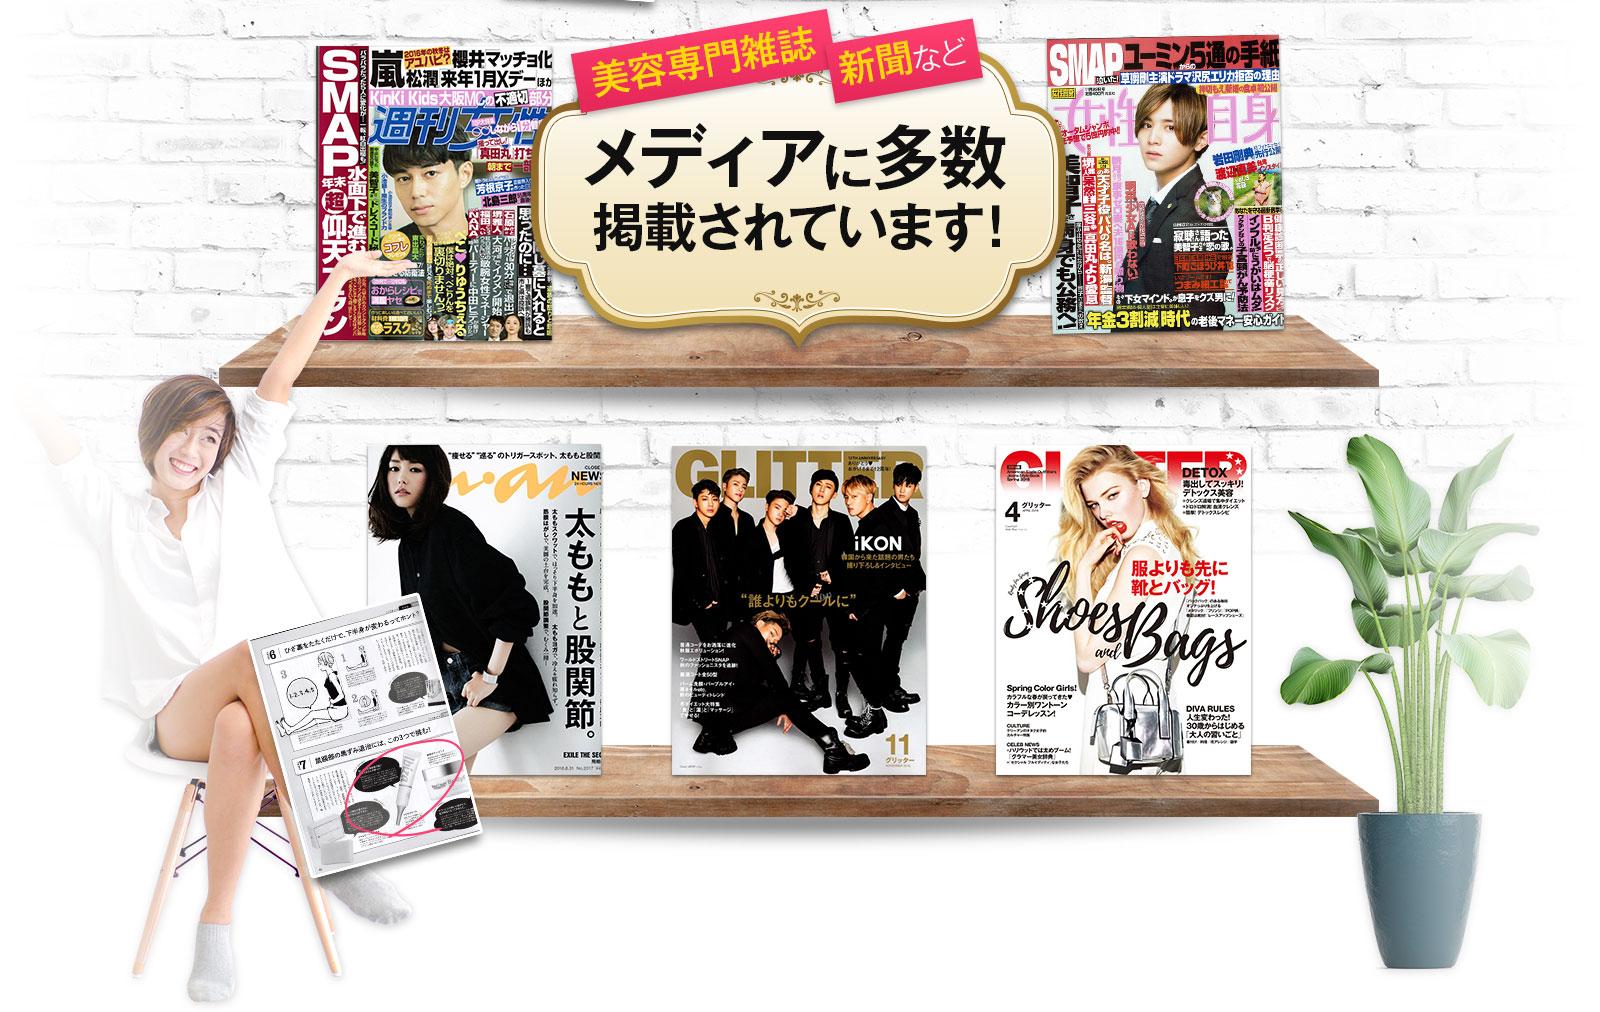 イビサクリームは芸能人も愛用!雑誌やメディアで人気